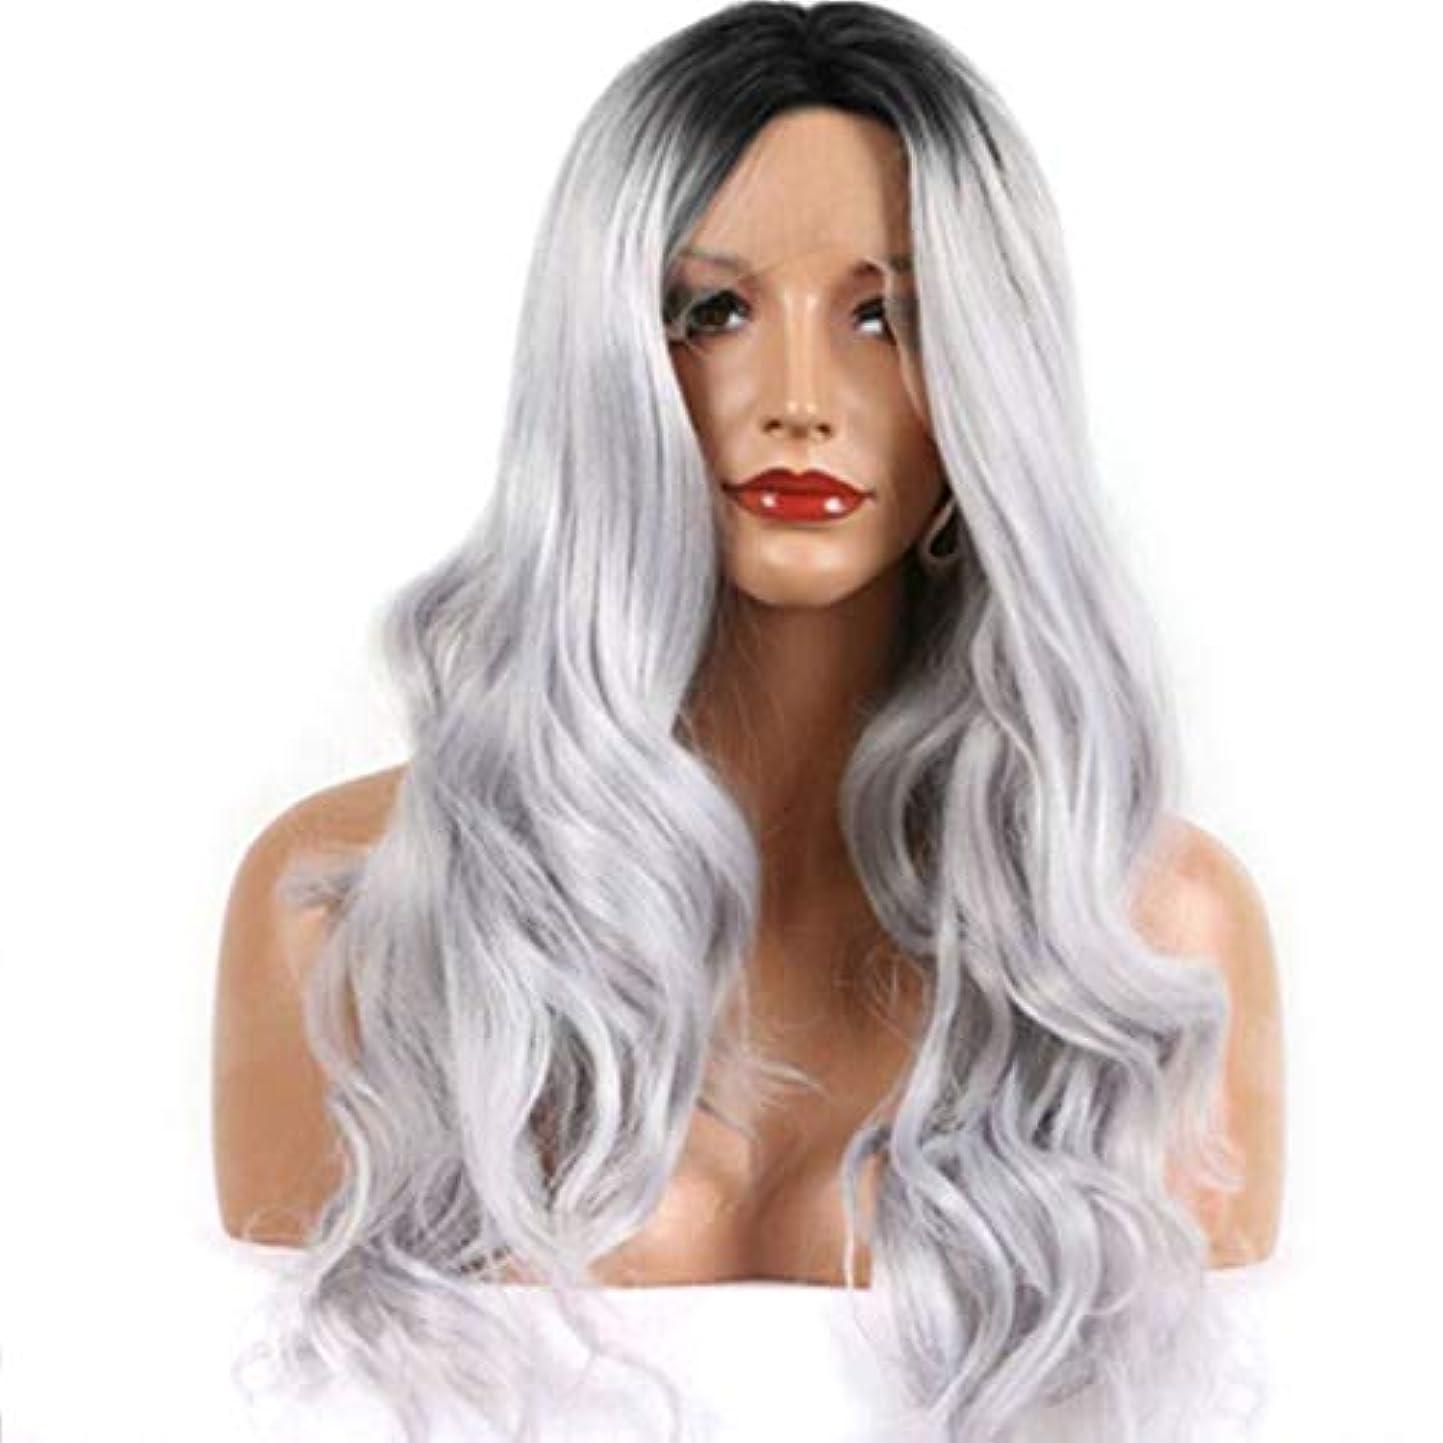 容赦ない過剰スポンジFuku つけ毛 女性の女の子のための長い巻き毛の波状のかつらオンブル髪黒耐熱繊維かつらコスプレパーティー (色 : 写真の通り)